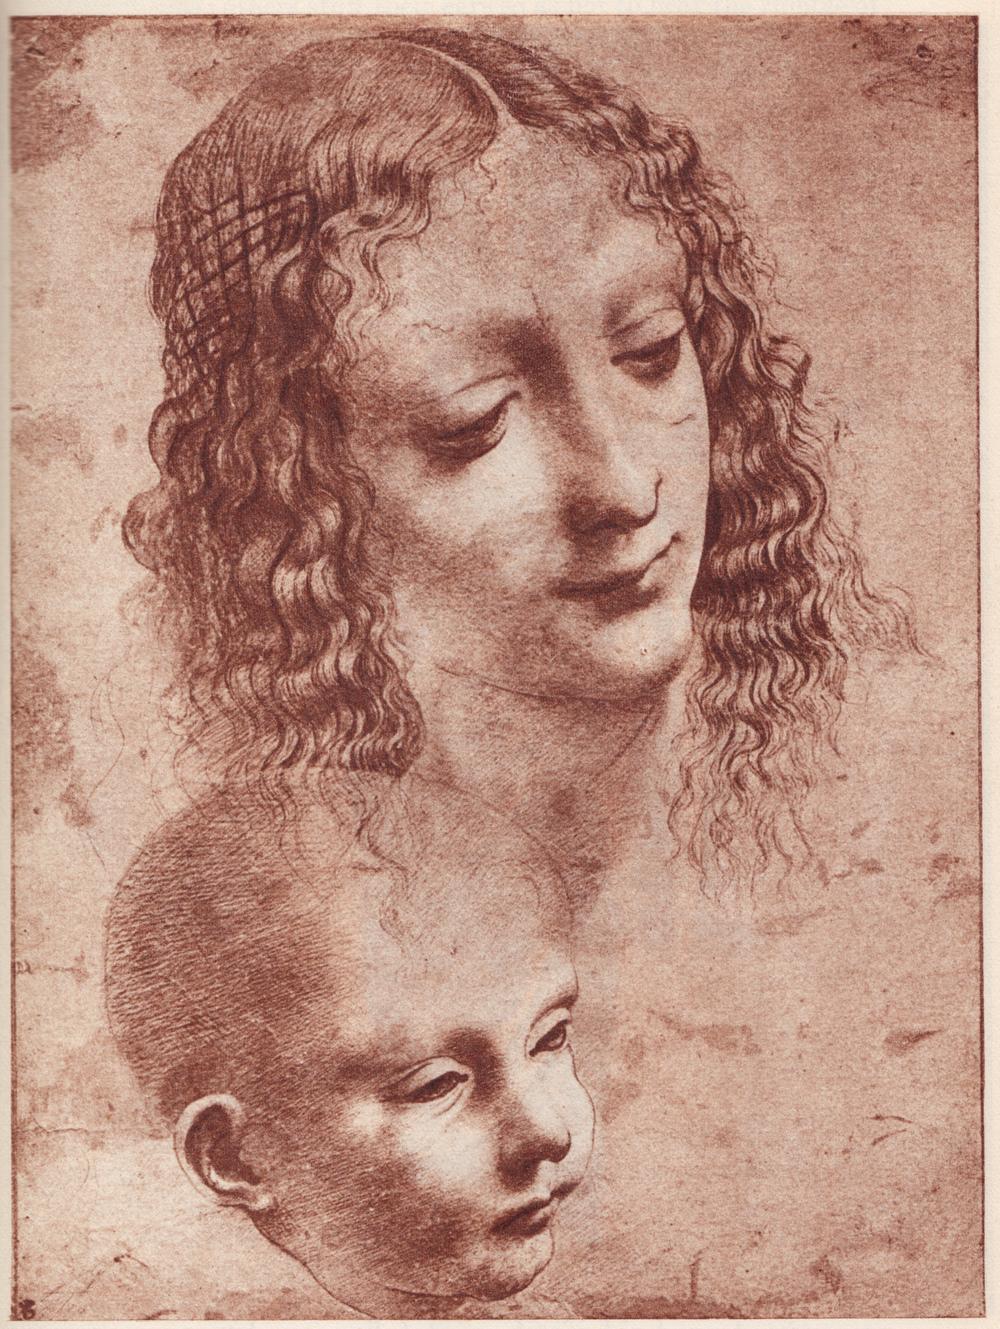 davinci-heads--romance.jpg